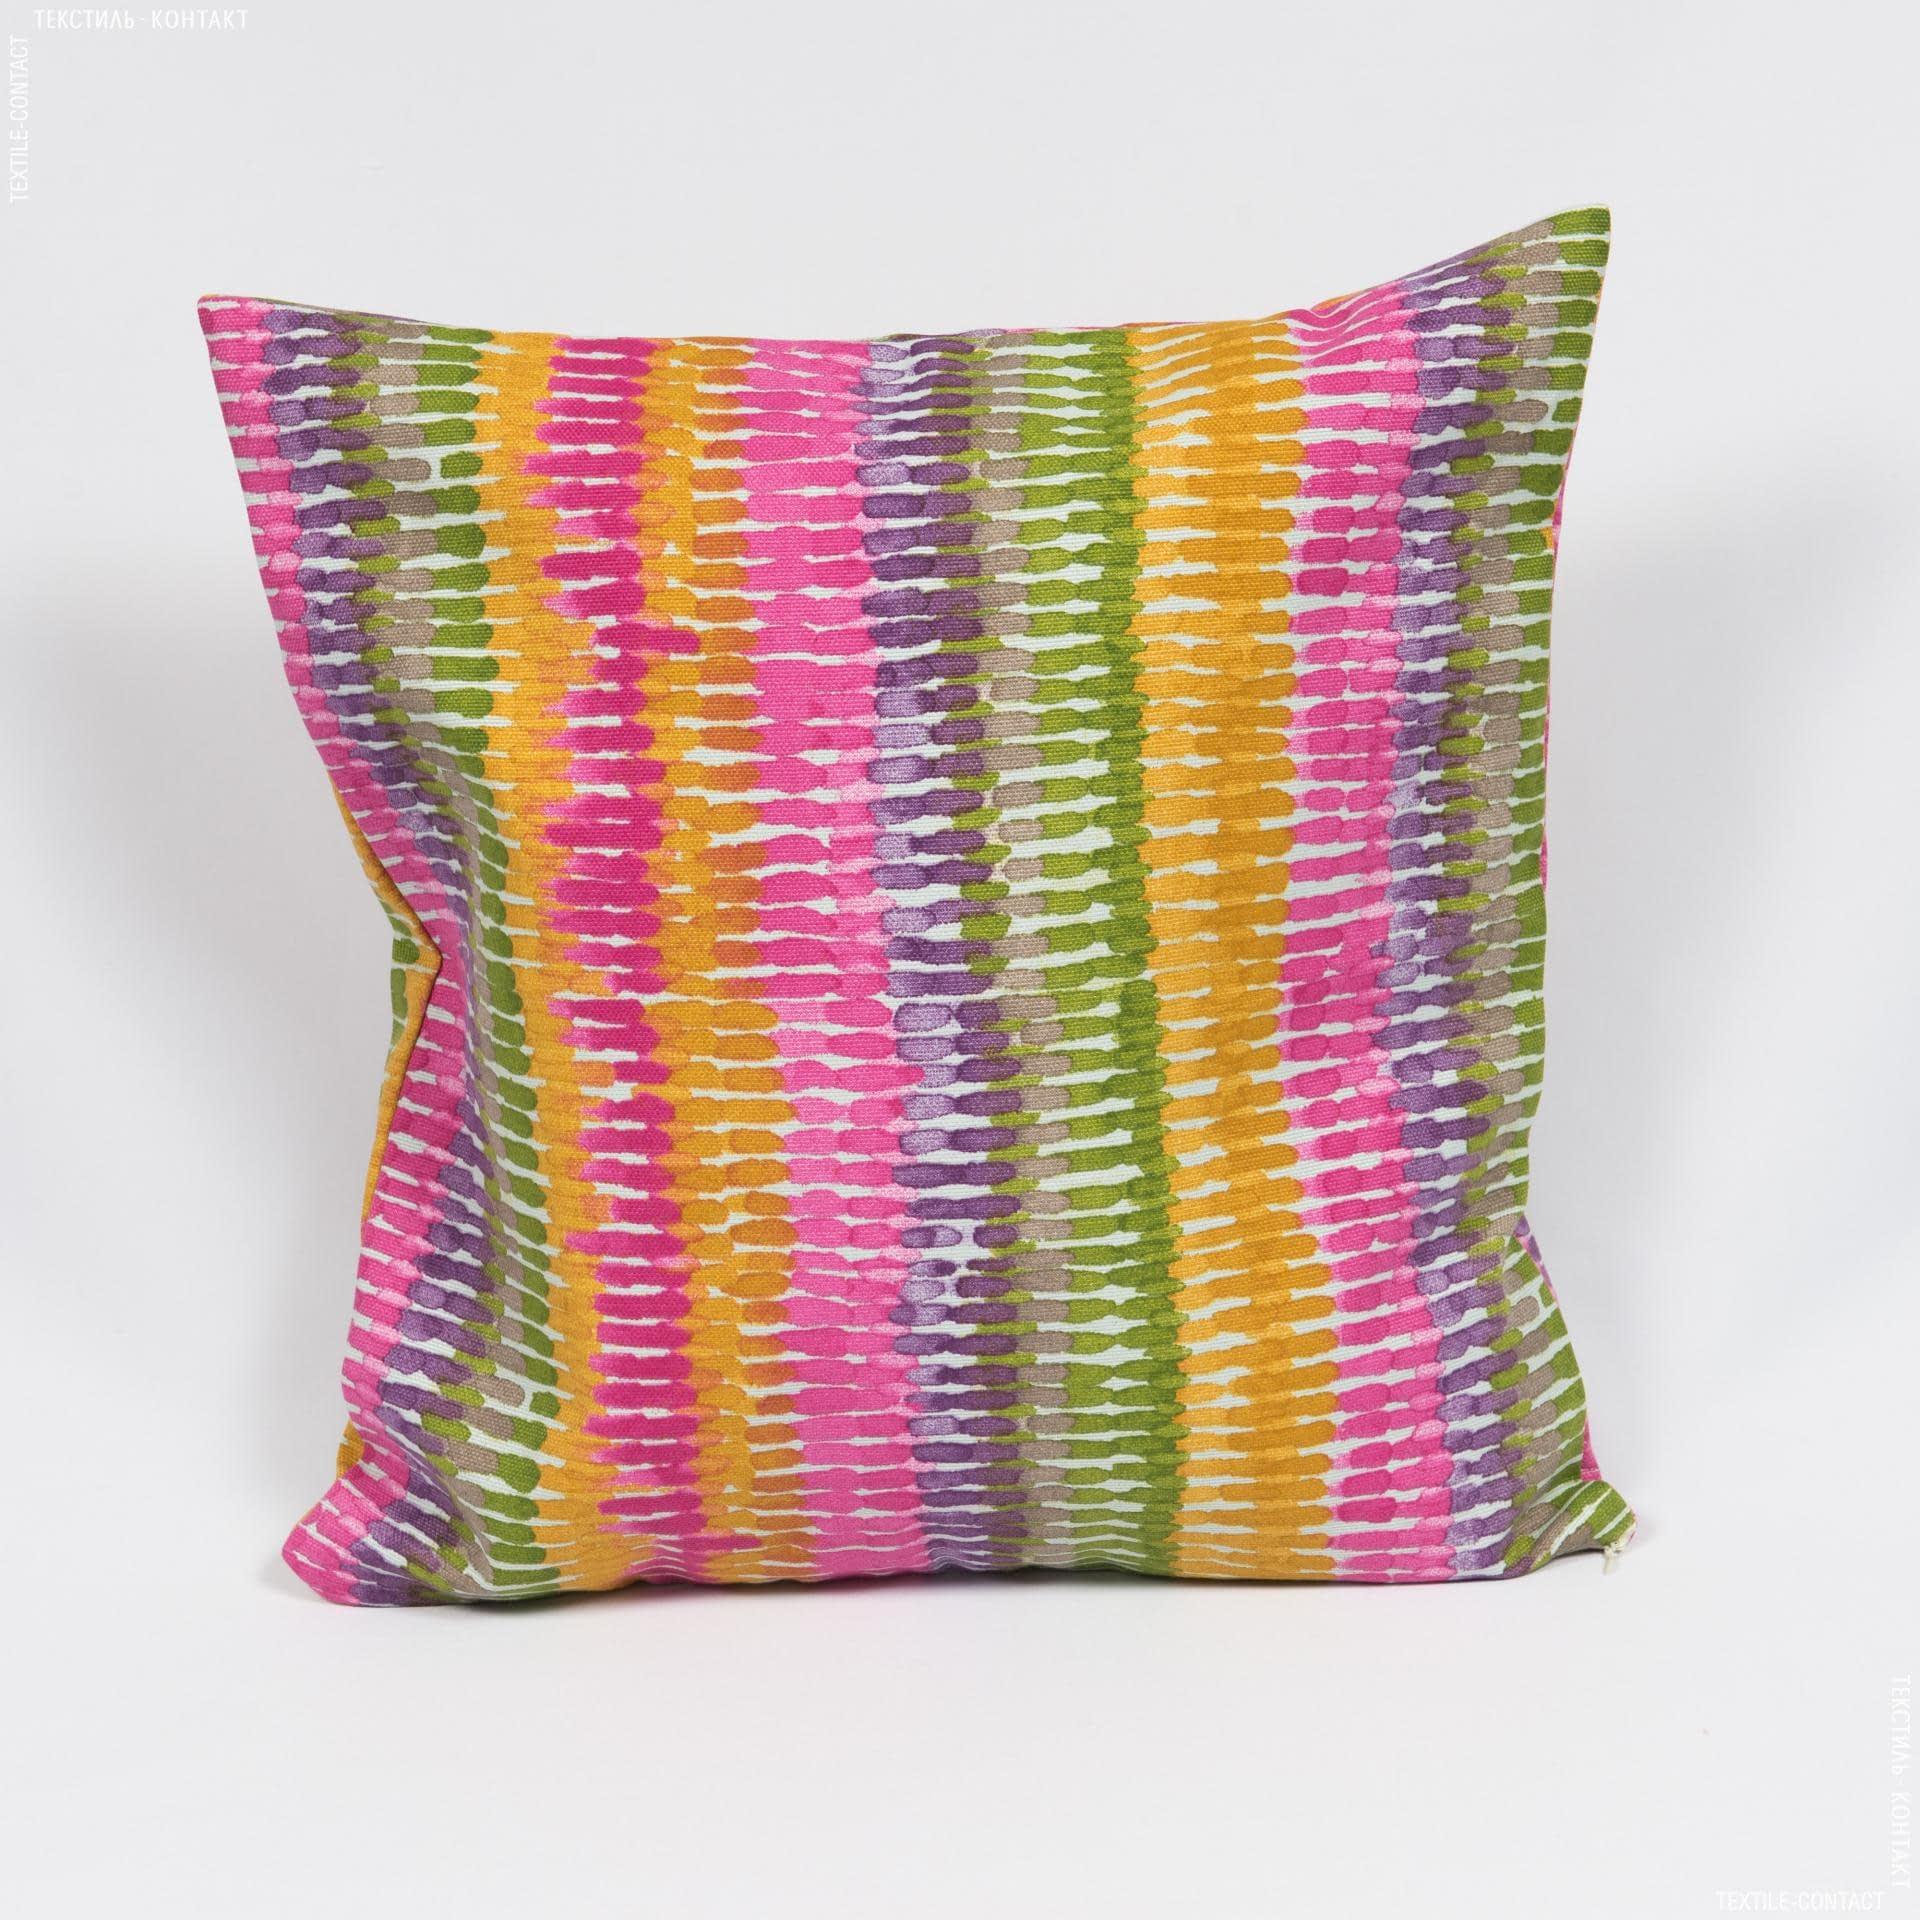 Ткани наволочки на декоративные  подушки - Чехол на декоративную подушку Ибра  45х45 см (148946)